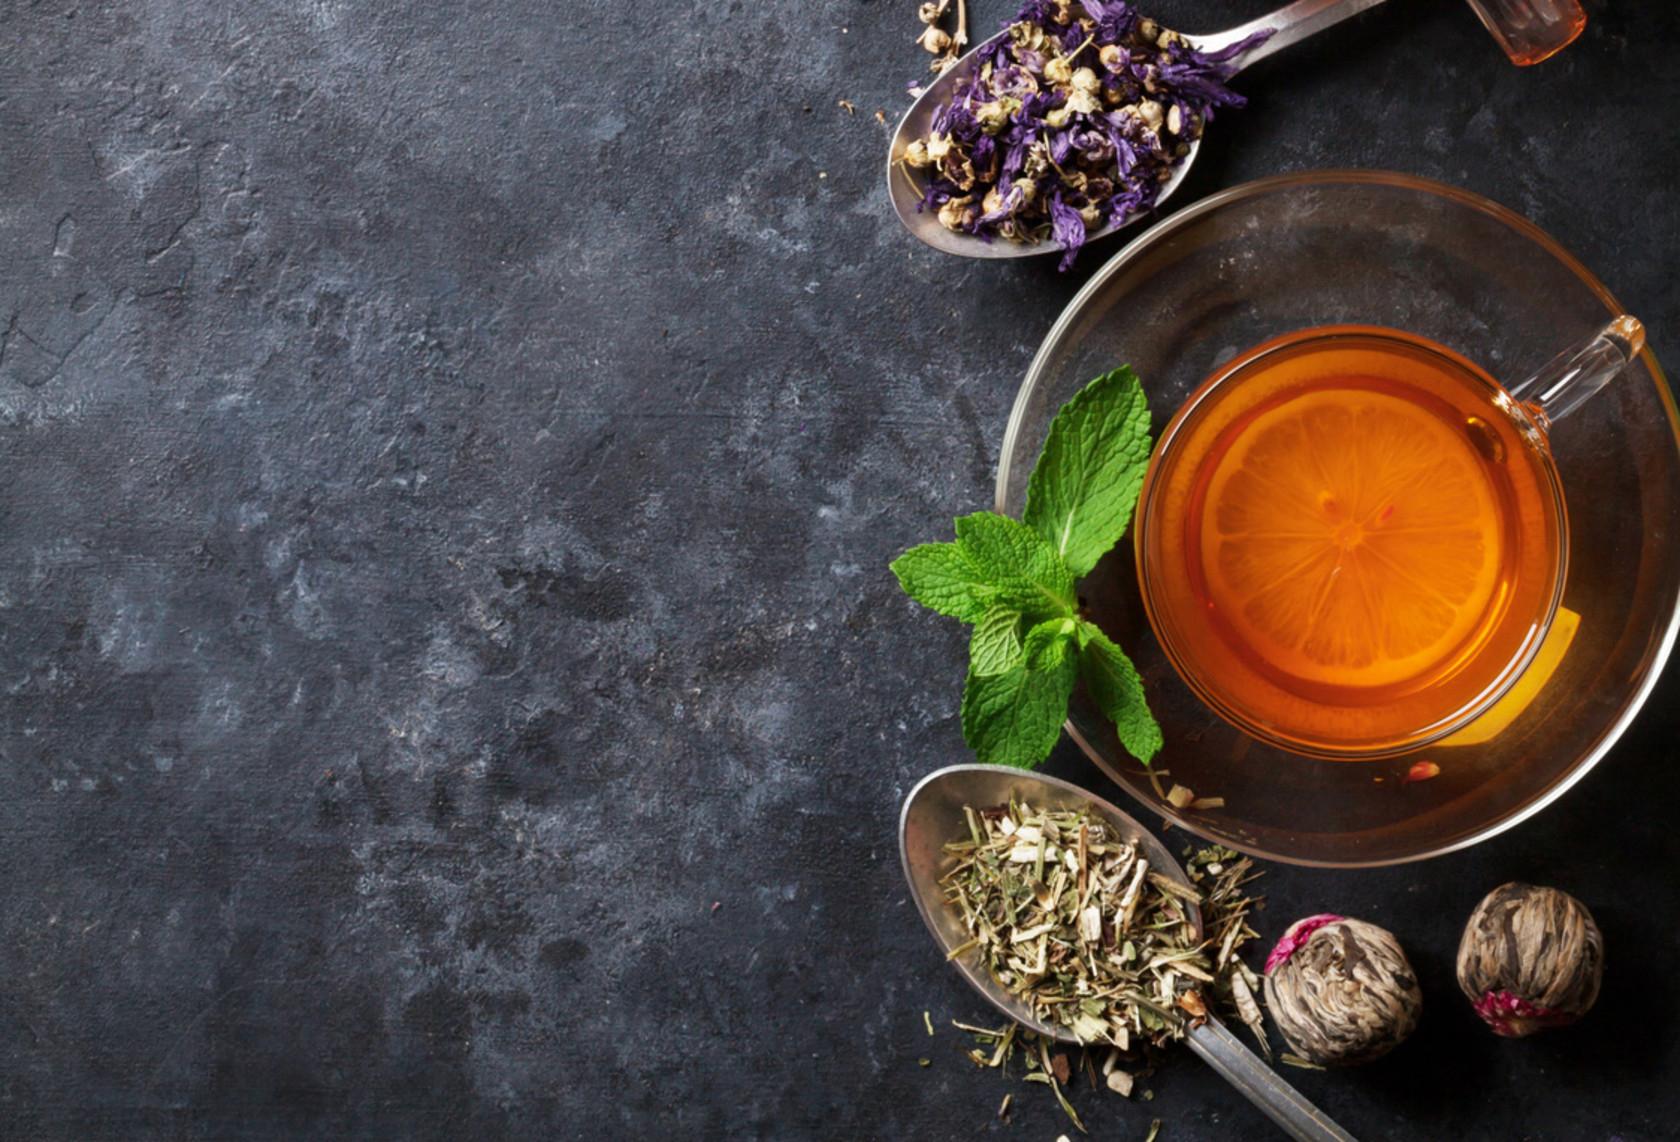 Kostenloser Tee bei Roberts Teehaus (Rooibos Super Grade Long Cut Tee 20g)